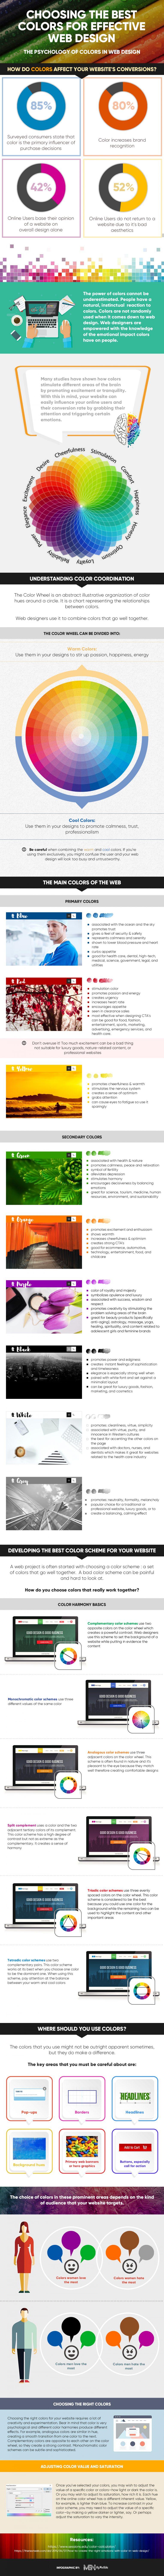 The Psychology of Color on Website Design